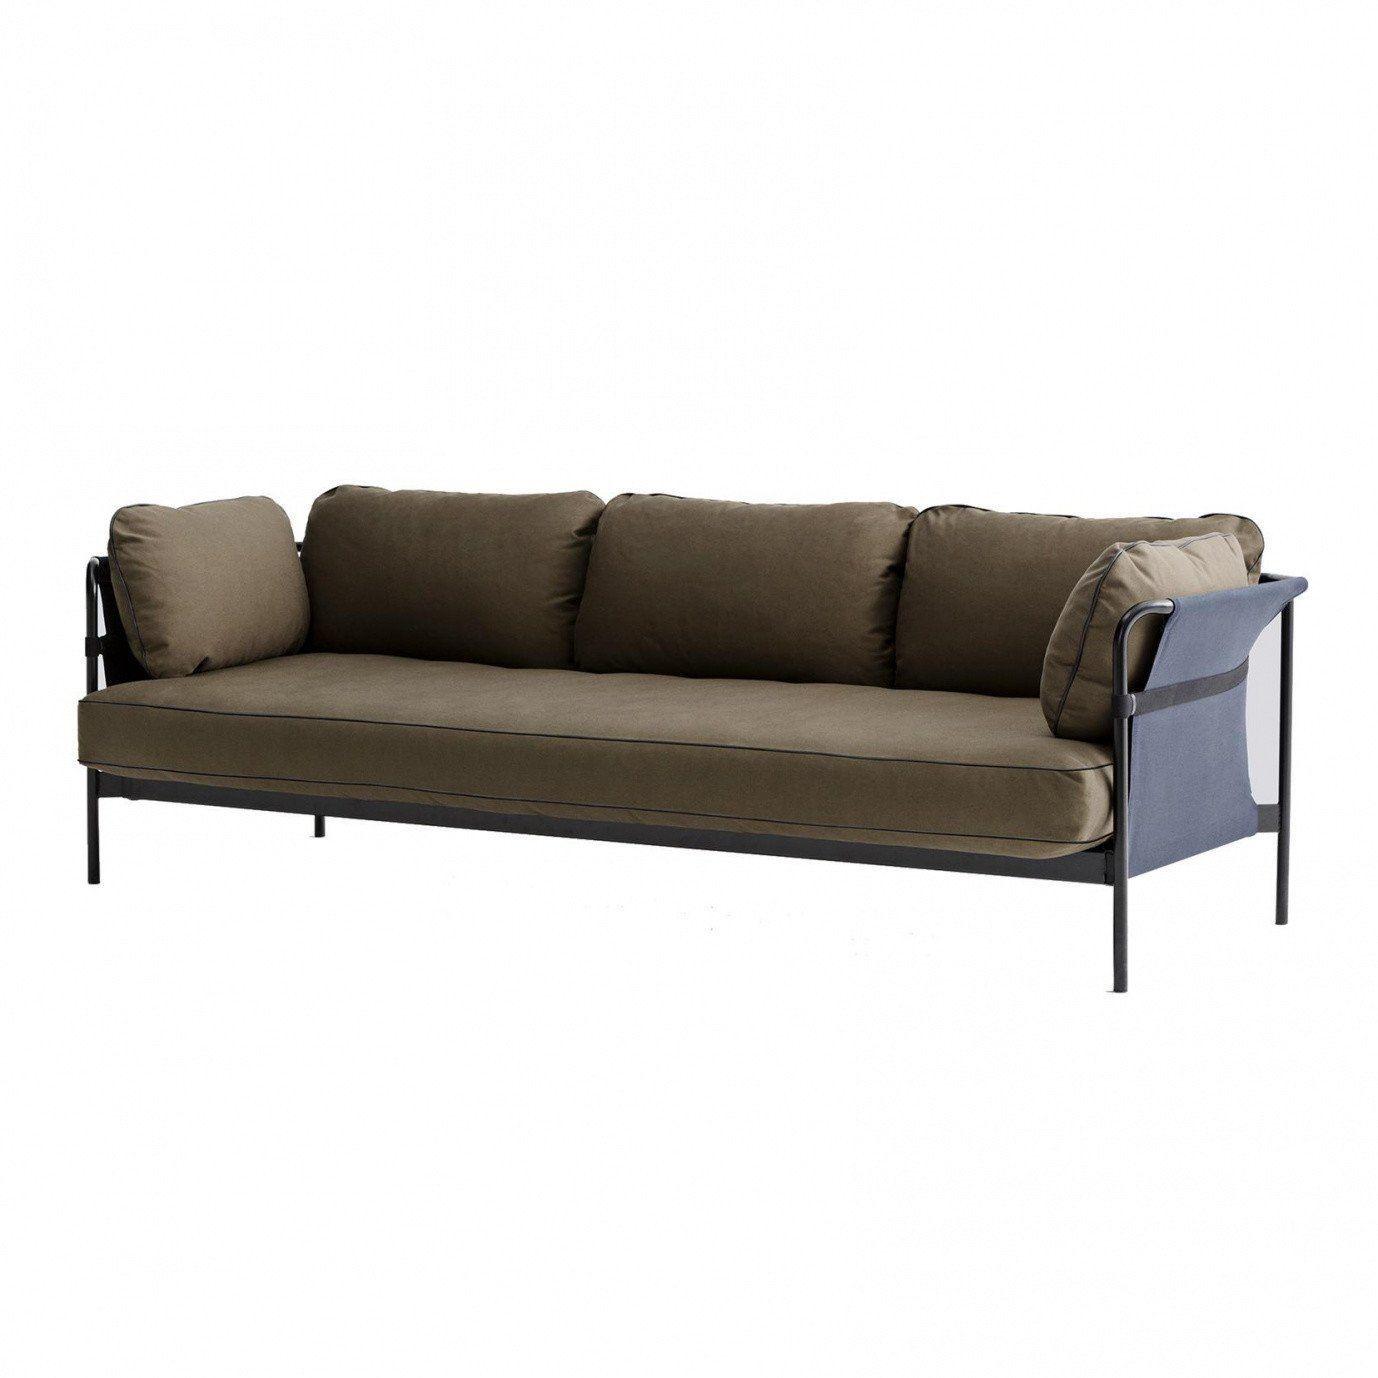 Awesome Hay Can Sitzer Sofa Grau Braunstoff Canvas Armyxx With Sofa Schwarz